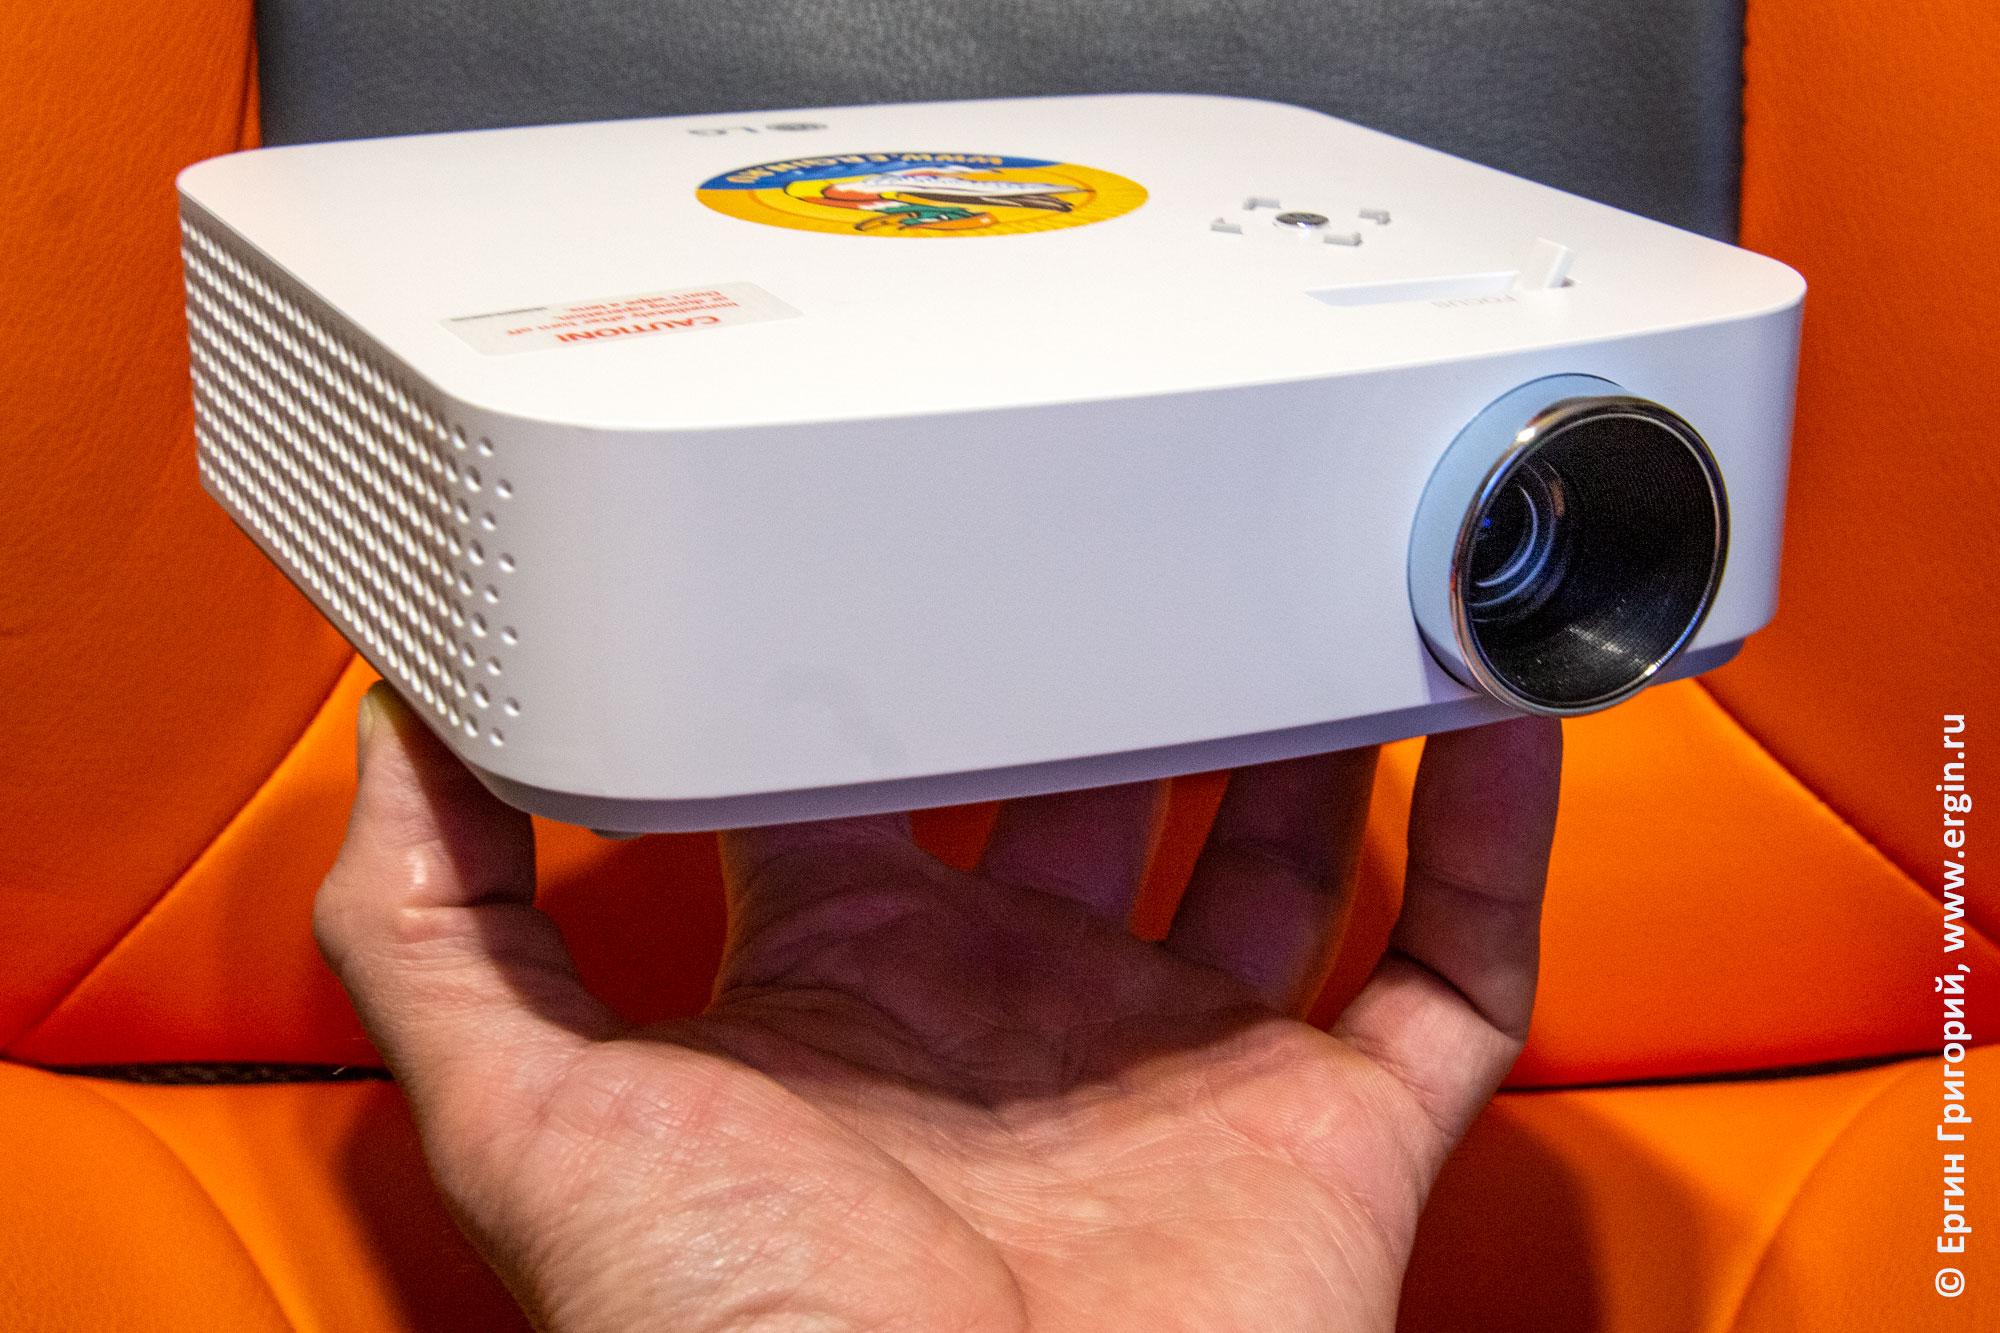 Компактный переносной проектор LG PF50KS на руке